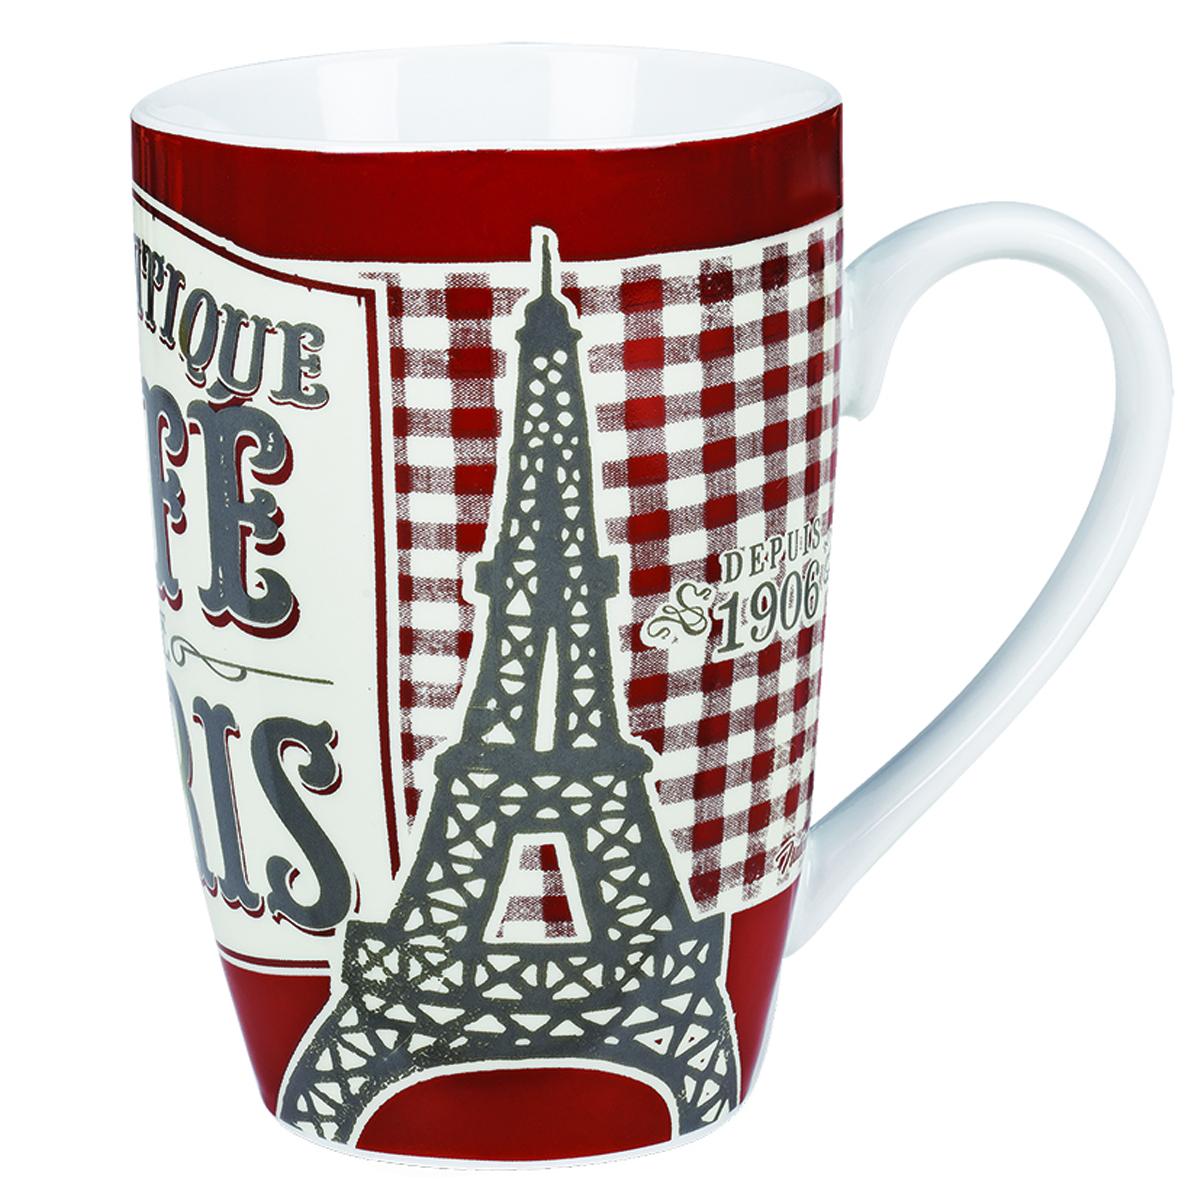 Grand mug porcelaine \'French Vintage\' (Authentique Café de Paris) - 13x85 cm (46cl) - [Q6974]